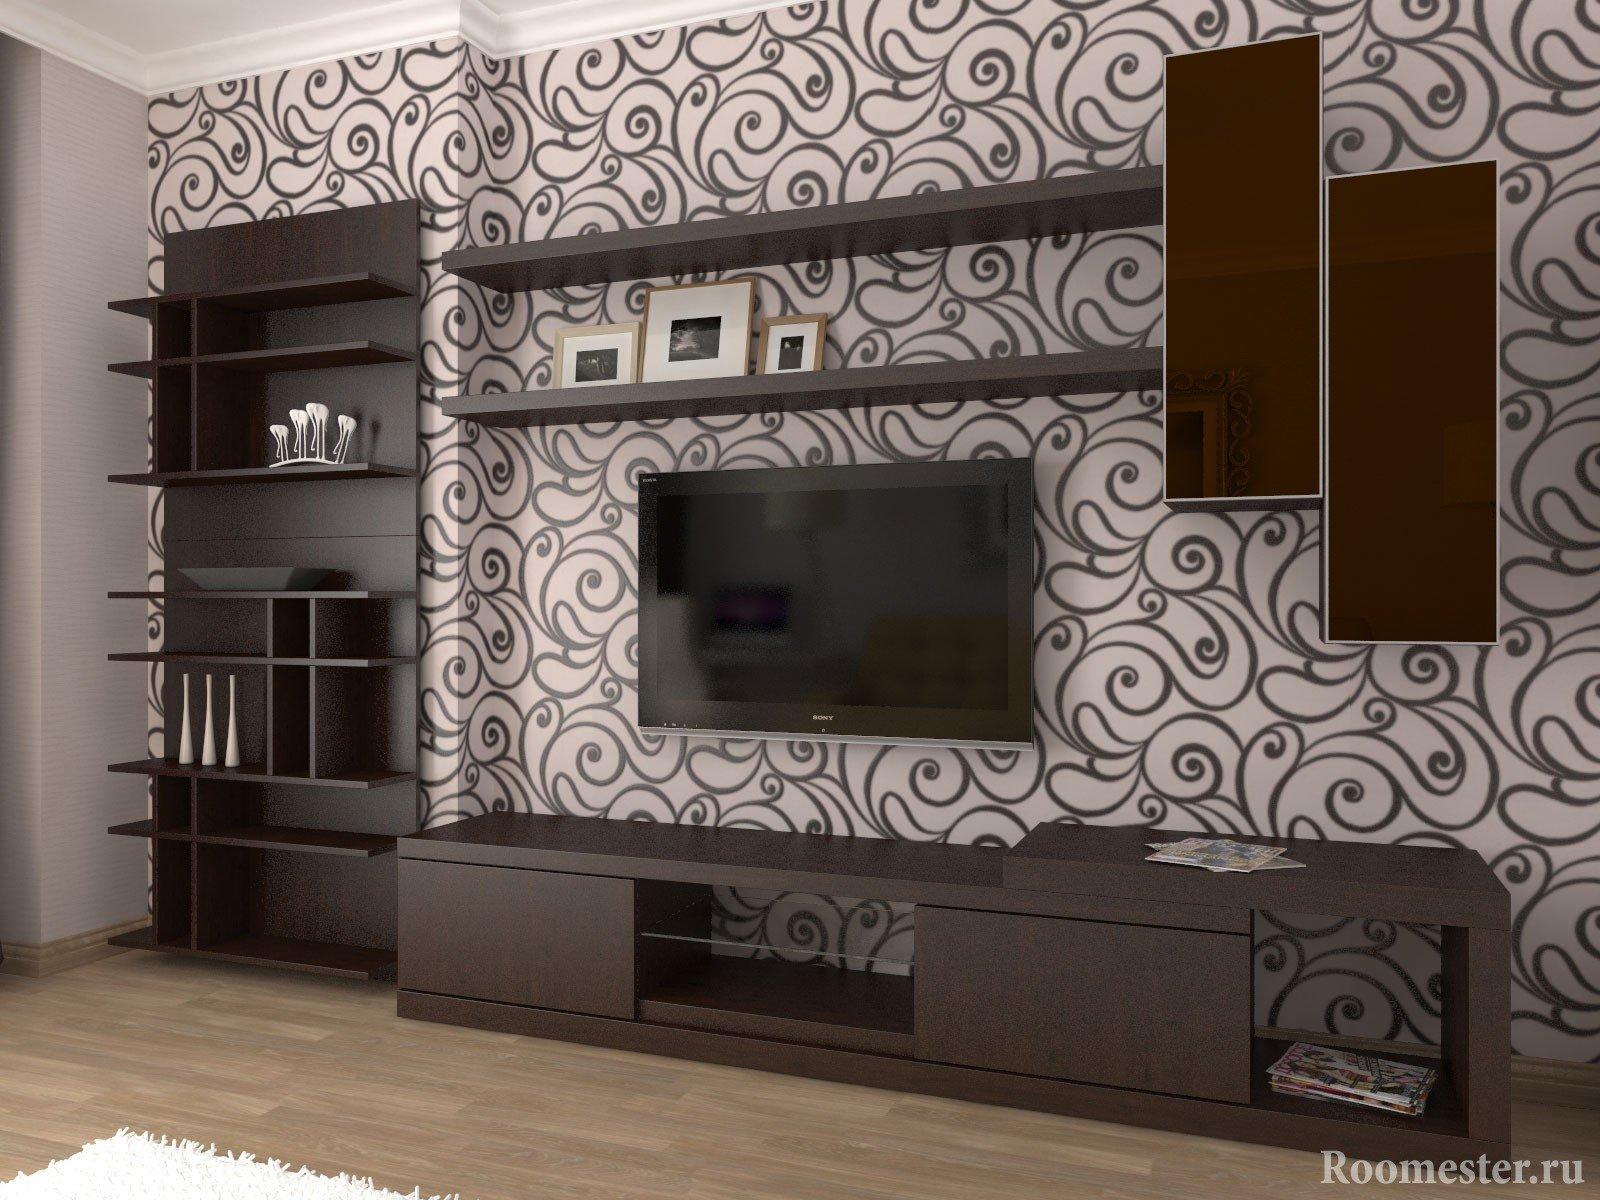 Furniture set for TV